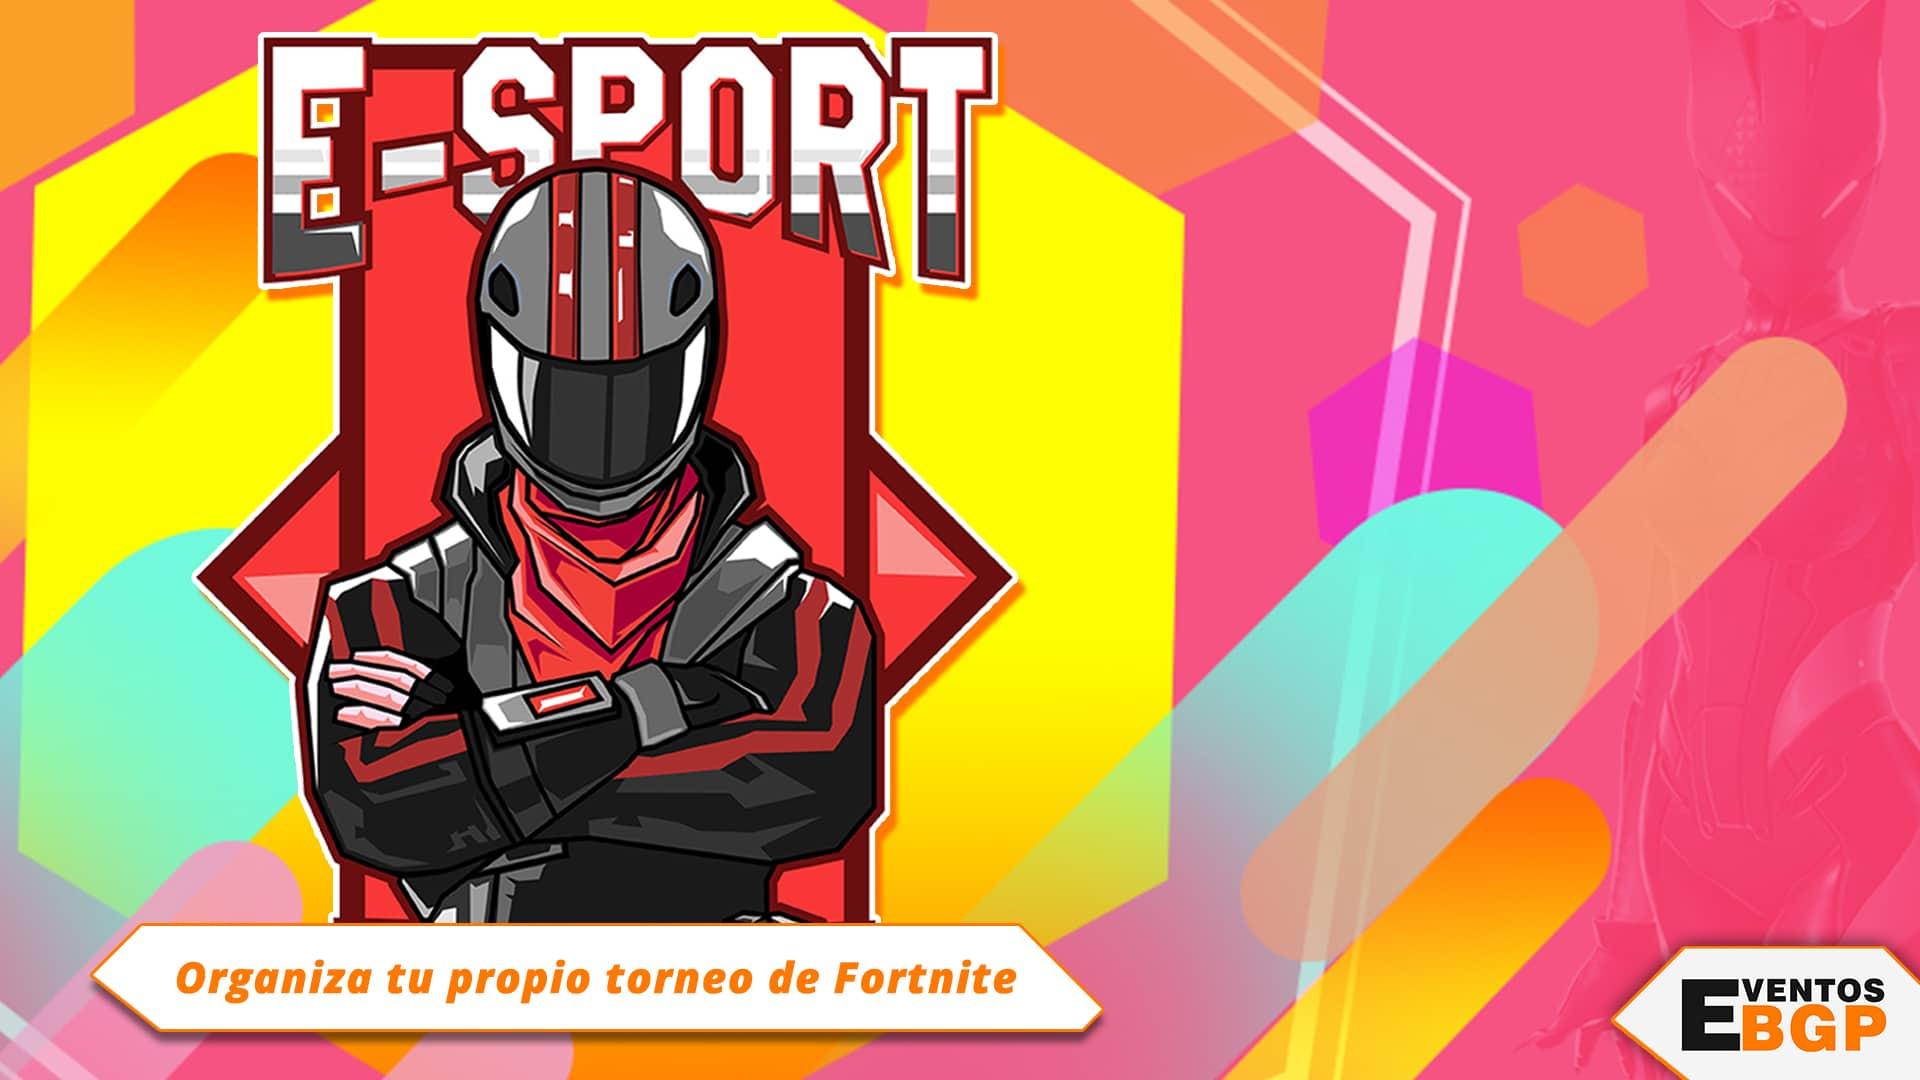 Torneo E-sports Fortnite desde Eventos BGP